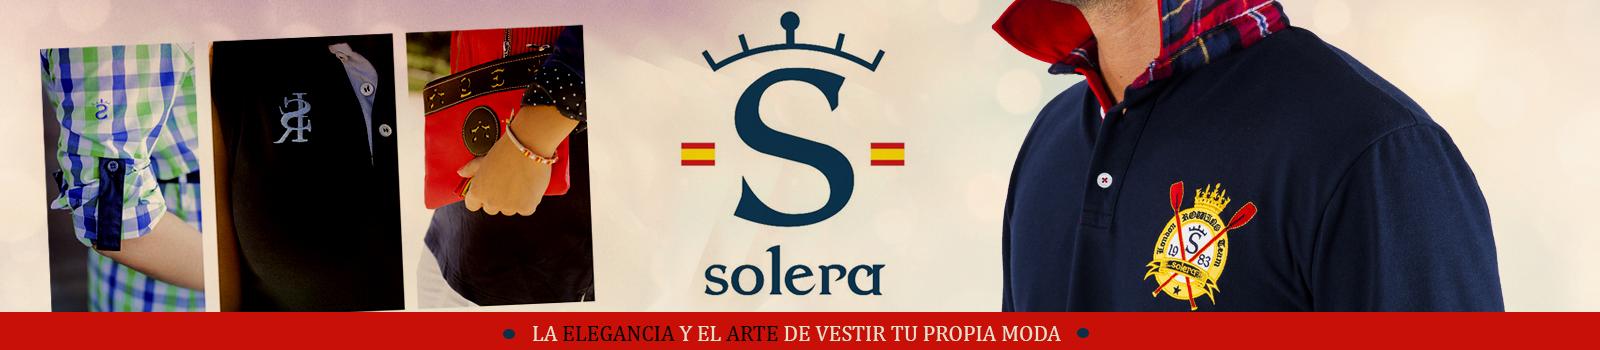 Solera en Valladolid,zapatos modernos,nauticos en valladolid,spagnolo,marca de moda,camisetas